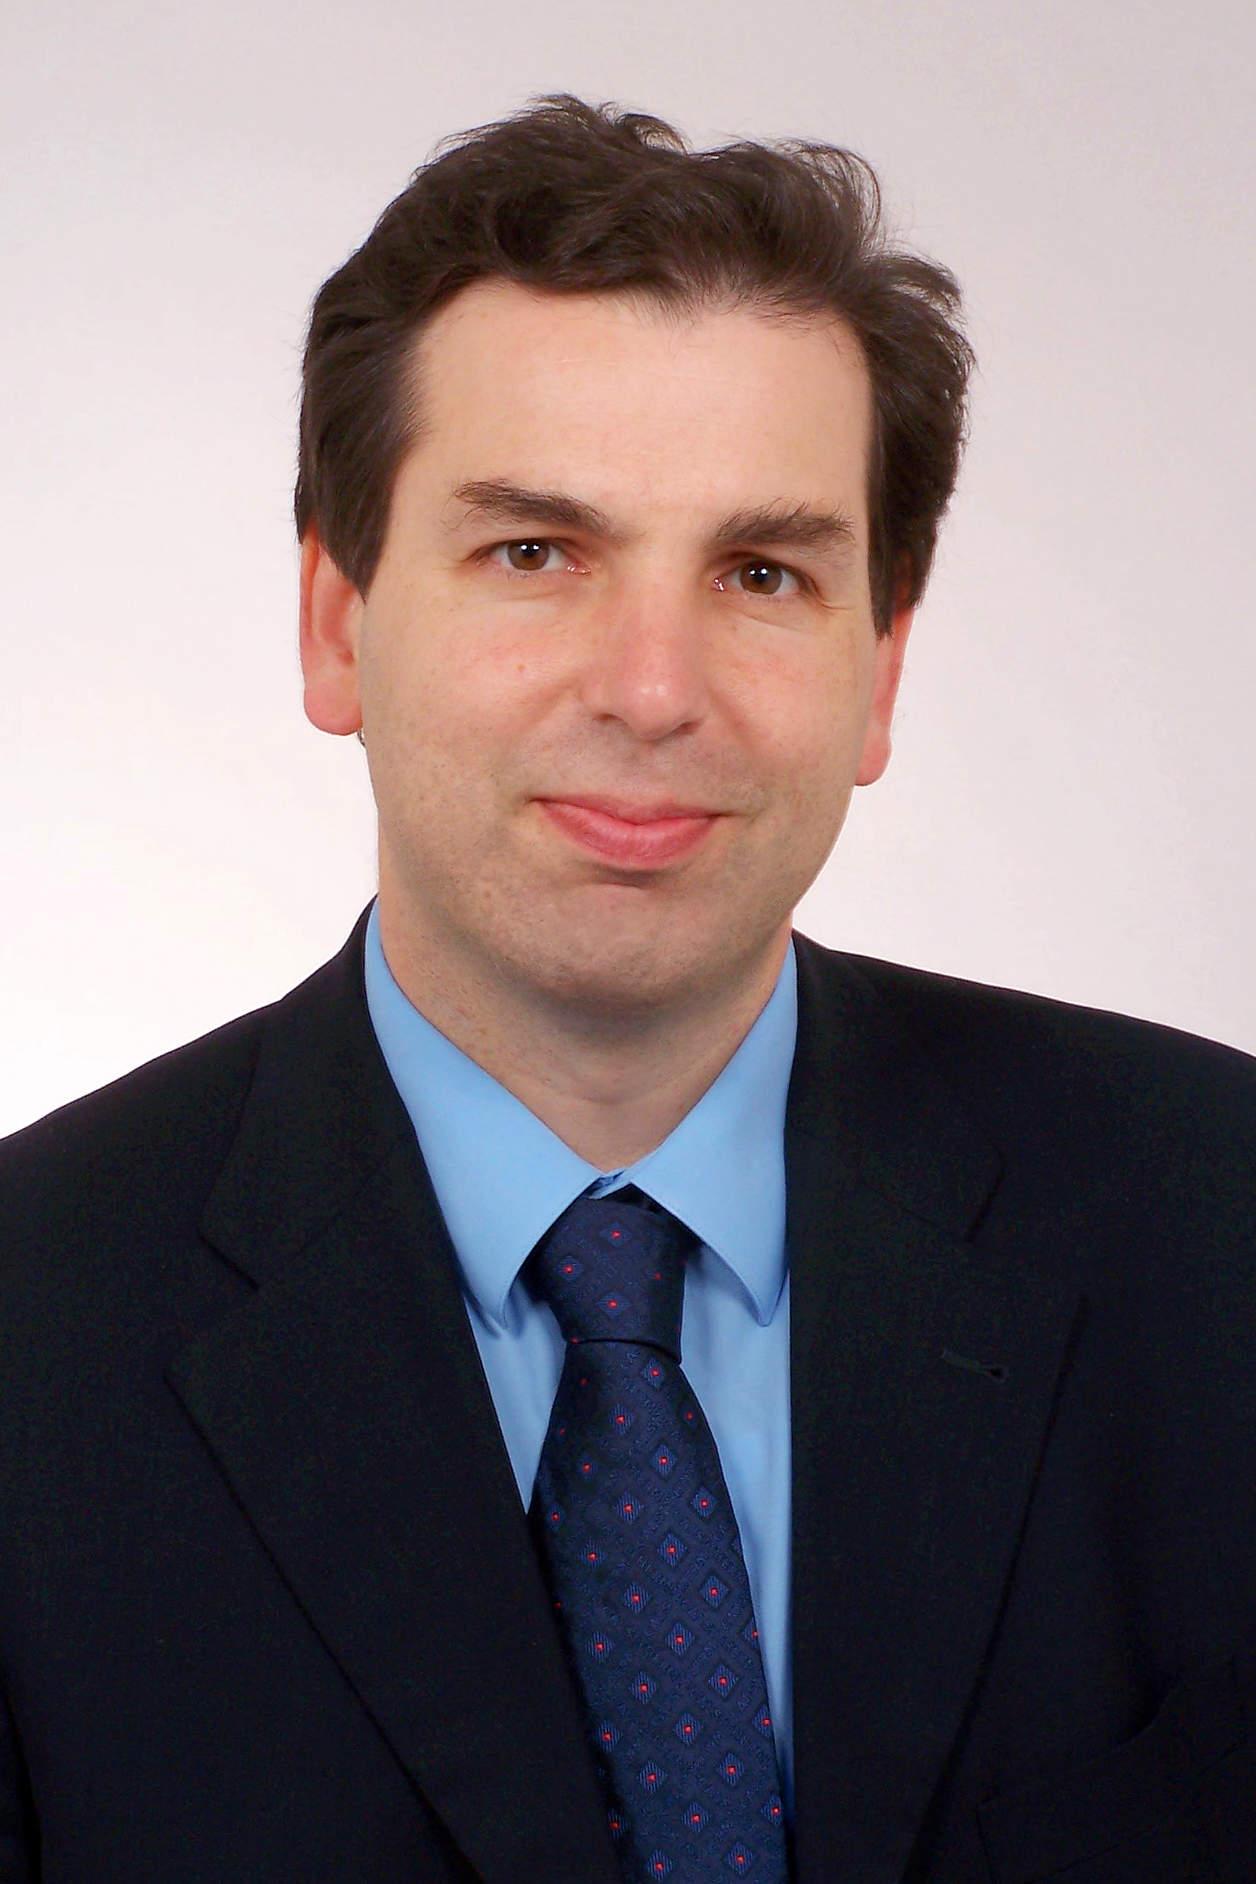 Christos Aneziris